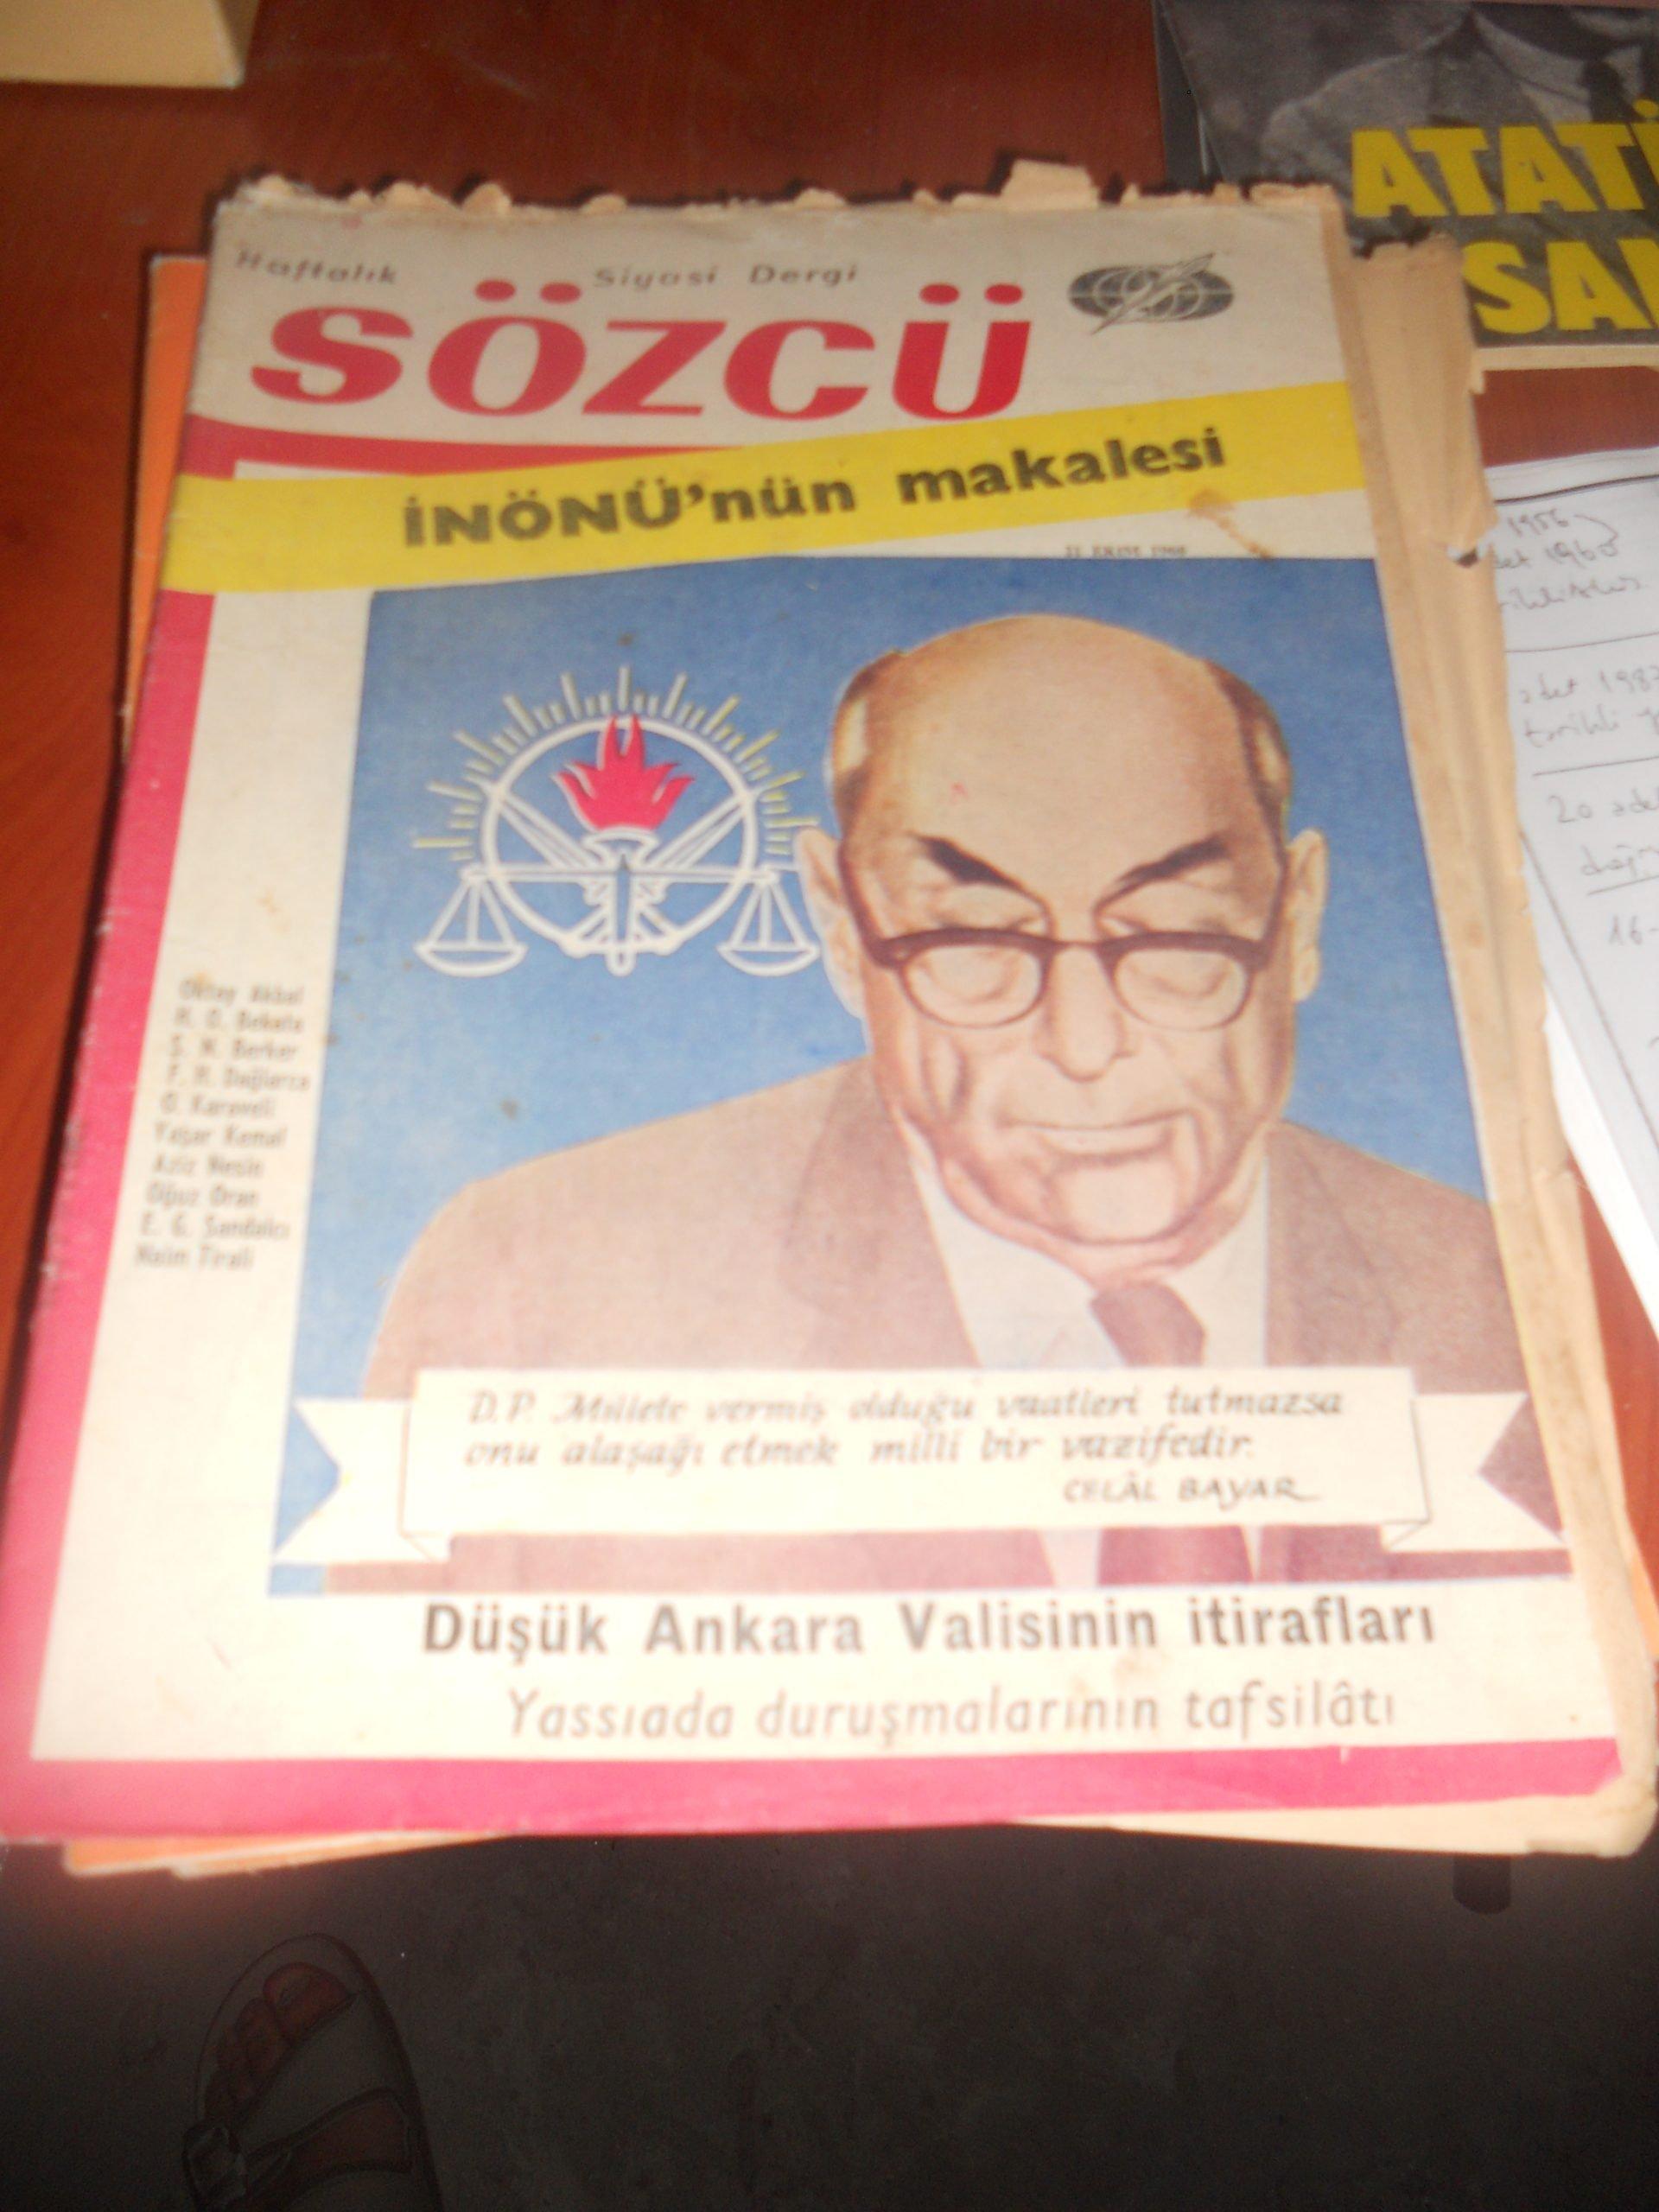 SÖZCÜ DERGİSİ/İNÖNÜ MAKALESİ/21 EKİM 1960/1 adet/10 tl